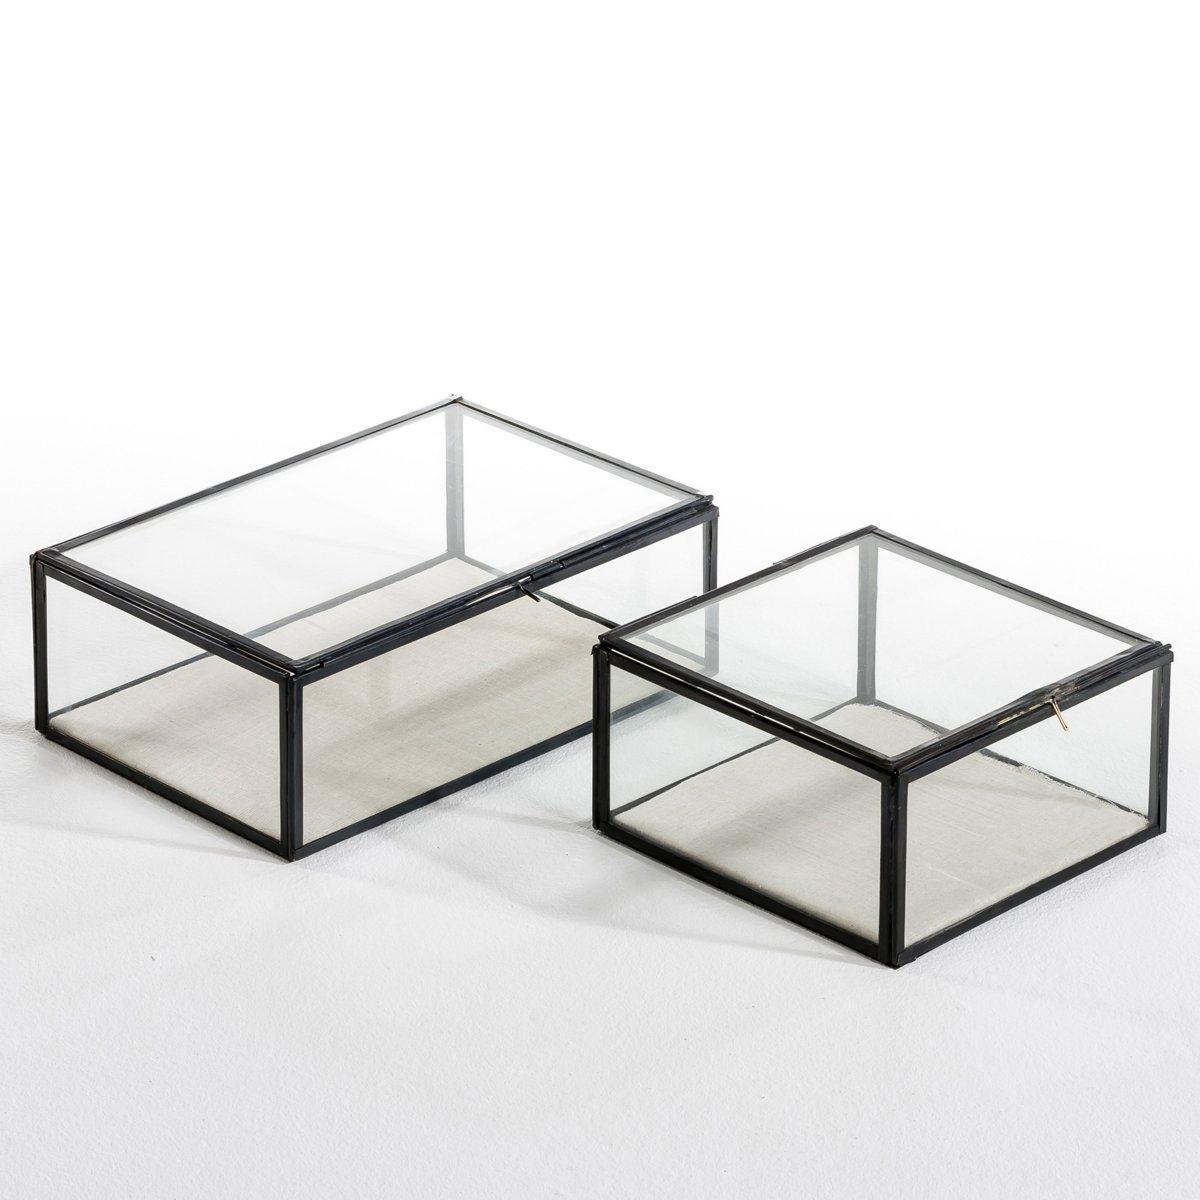 Коробка-витрина для хранения MisiaОписание: - Выполнена из стекла и металлаРазмеры: - размер 1: Д. 20 x В. 10,5 x Г. 20 см.- размер 2: Д. 30 x В. 10,5 x Г. 20 см.<br><br>Цвет: металл